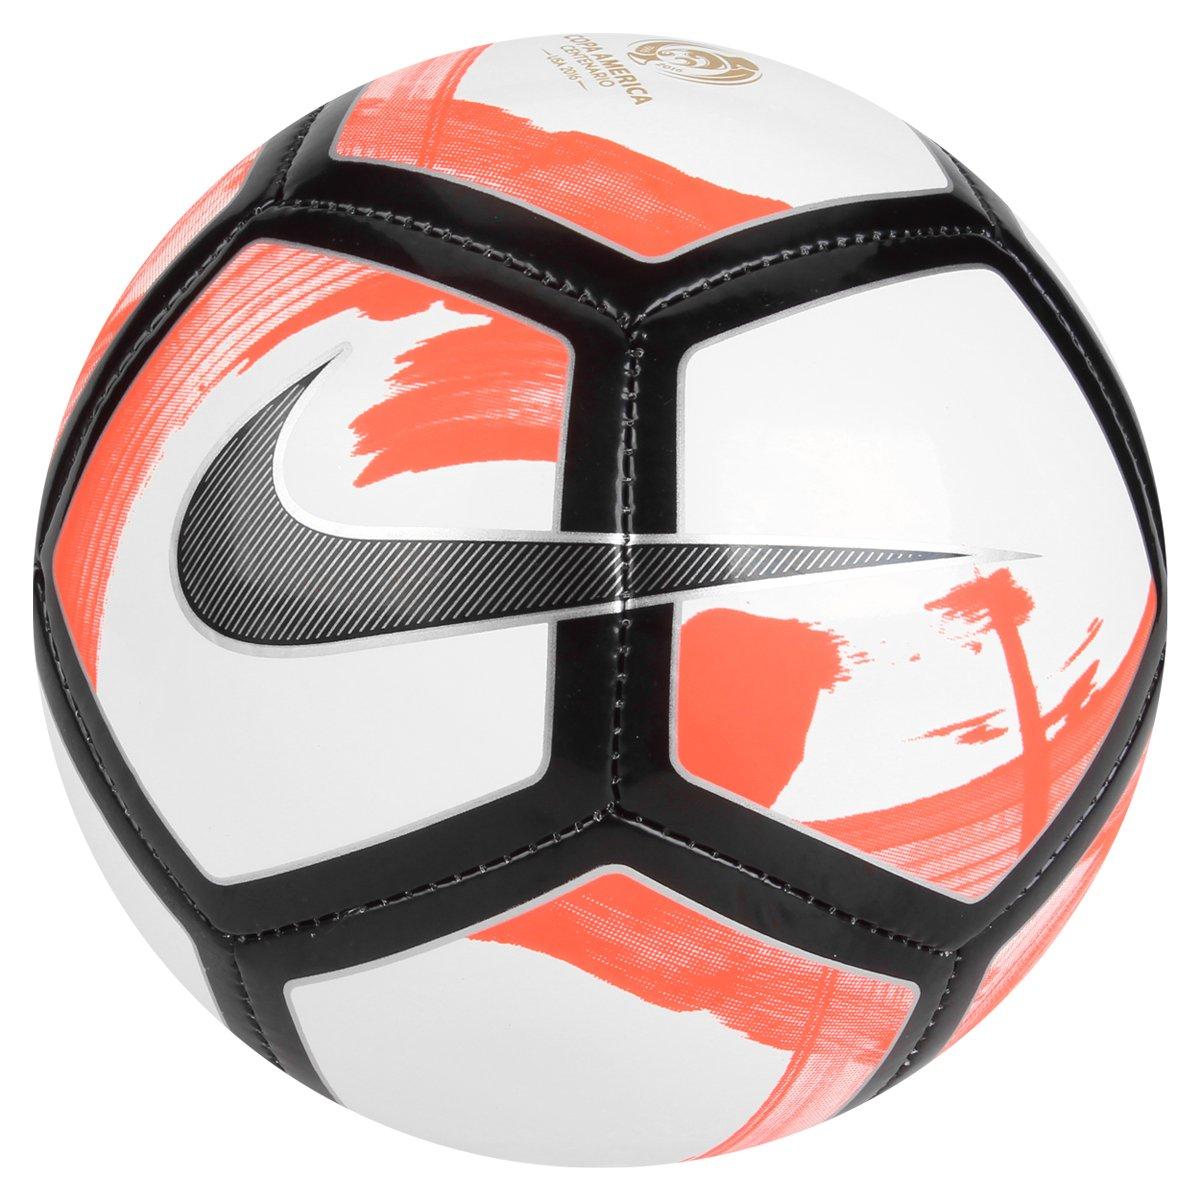 17fca95422 MiniBola Futebol Nike Copa América Centenário Skills - Compre Agora ...